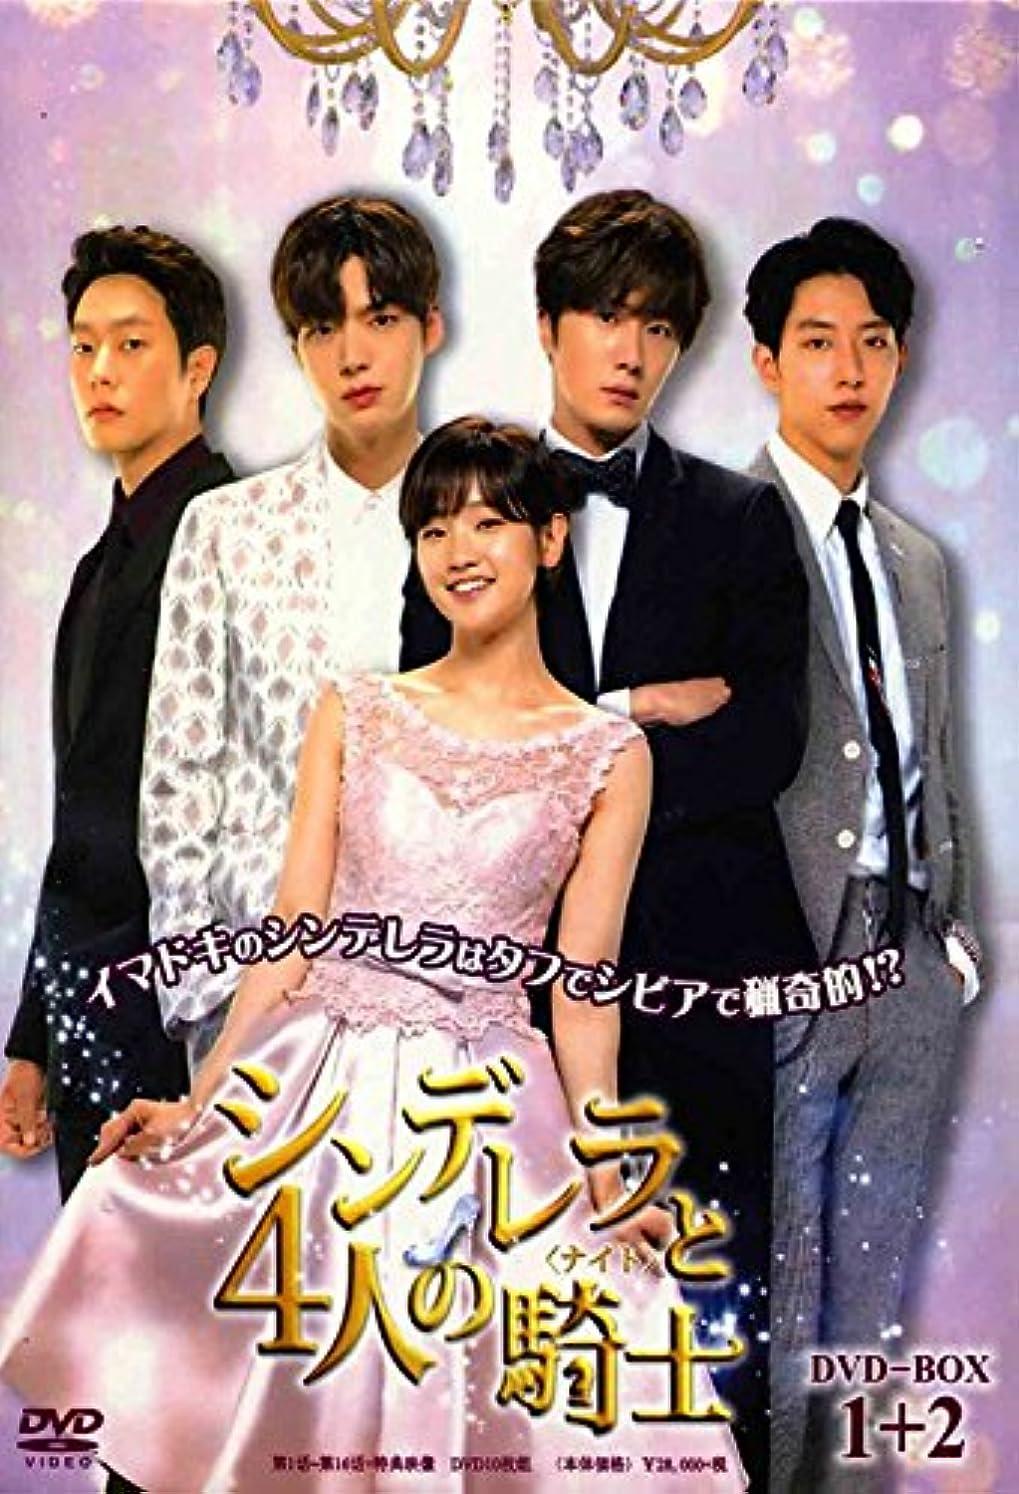 巨大作物サイトシンデレラと4人の騎士(ナイト)DVD-BOX1+2 10枚組 韓国語発音/日本語字幕